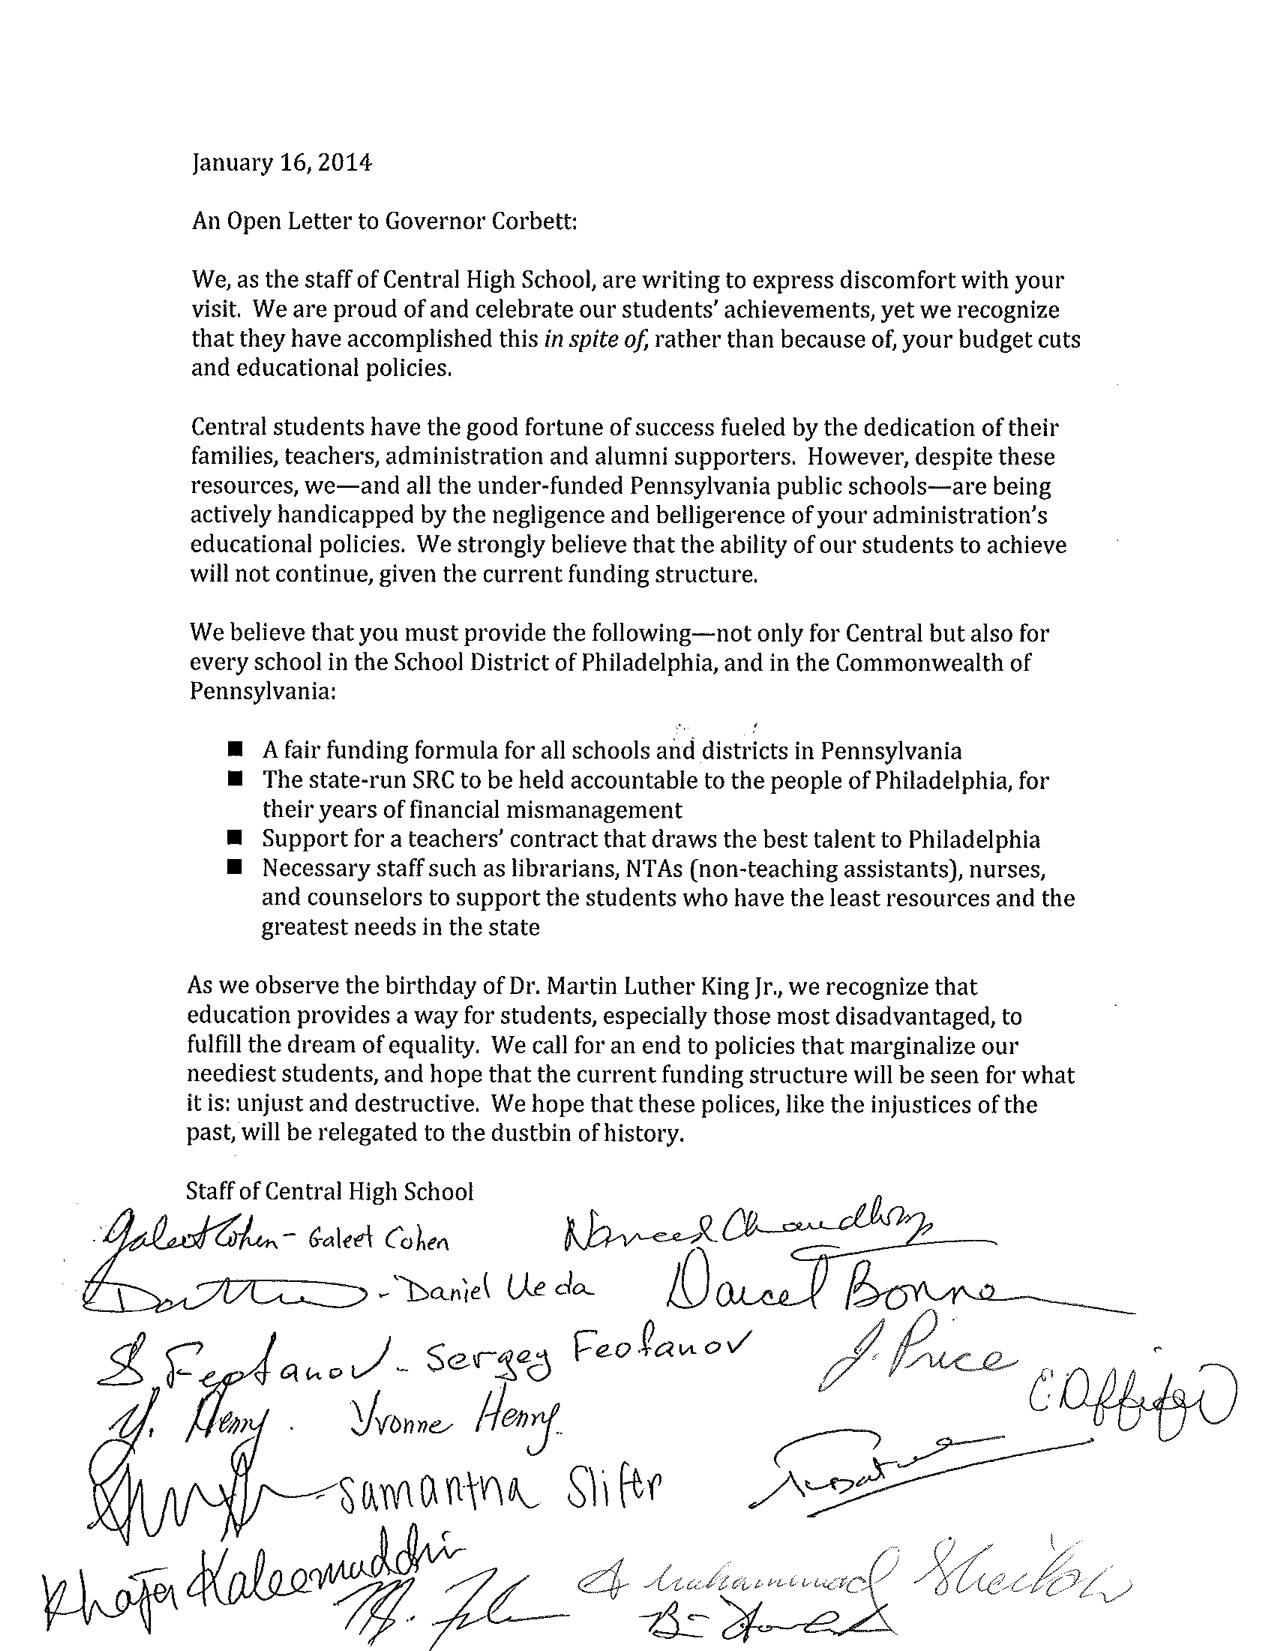 Open Letter for Governor Corbett from Central Staff | Philadelphia